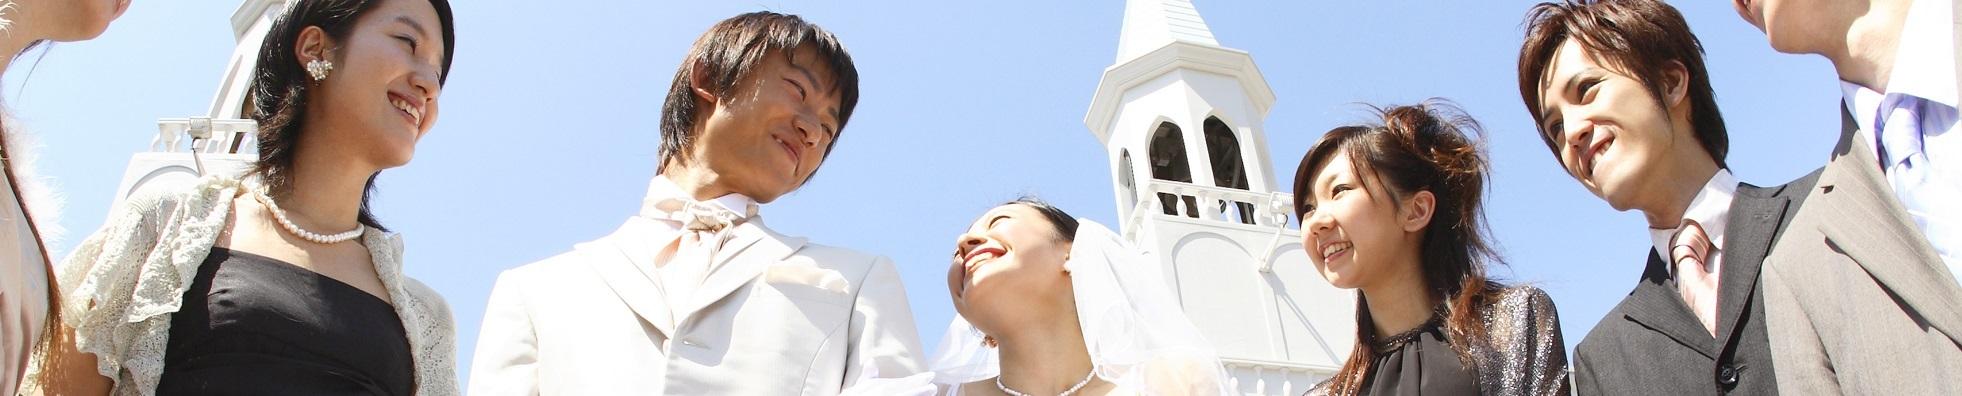 東出昌大と渡部健、女性はどっちの不倫を許せる?夫婦恋愛で浮気封じ基本6